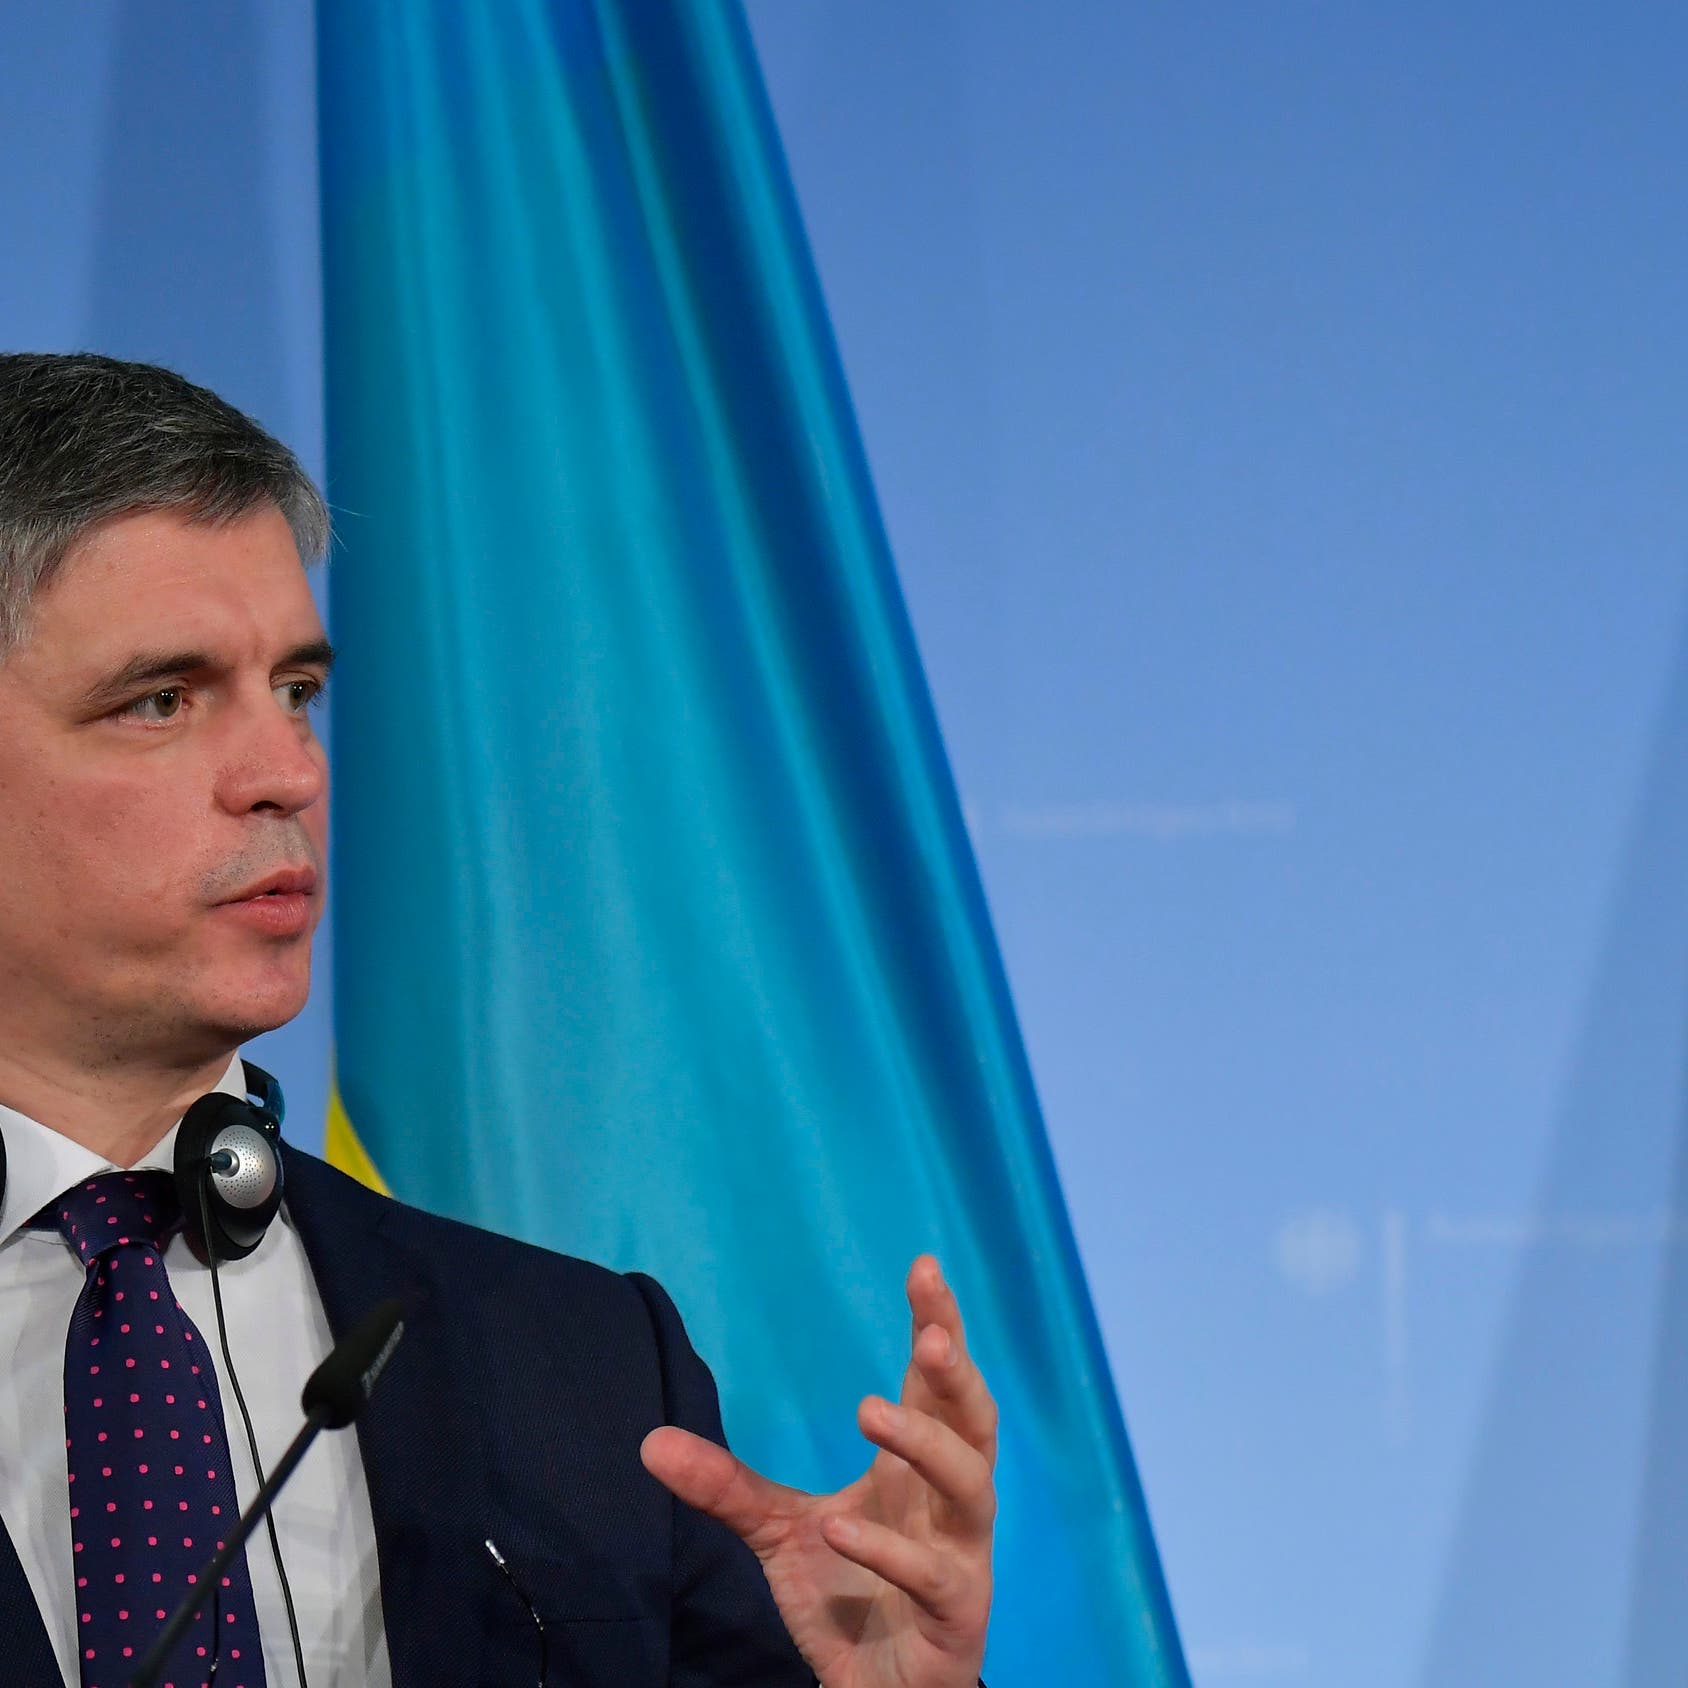 أوكرانيا لا ترفض فكرة أن إيران استهدفت طائرتها عمداً